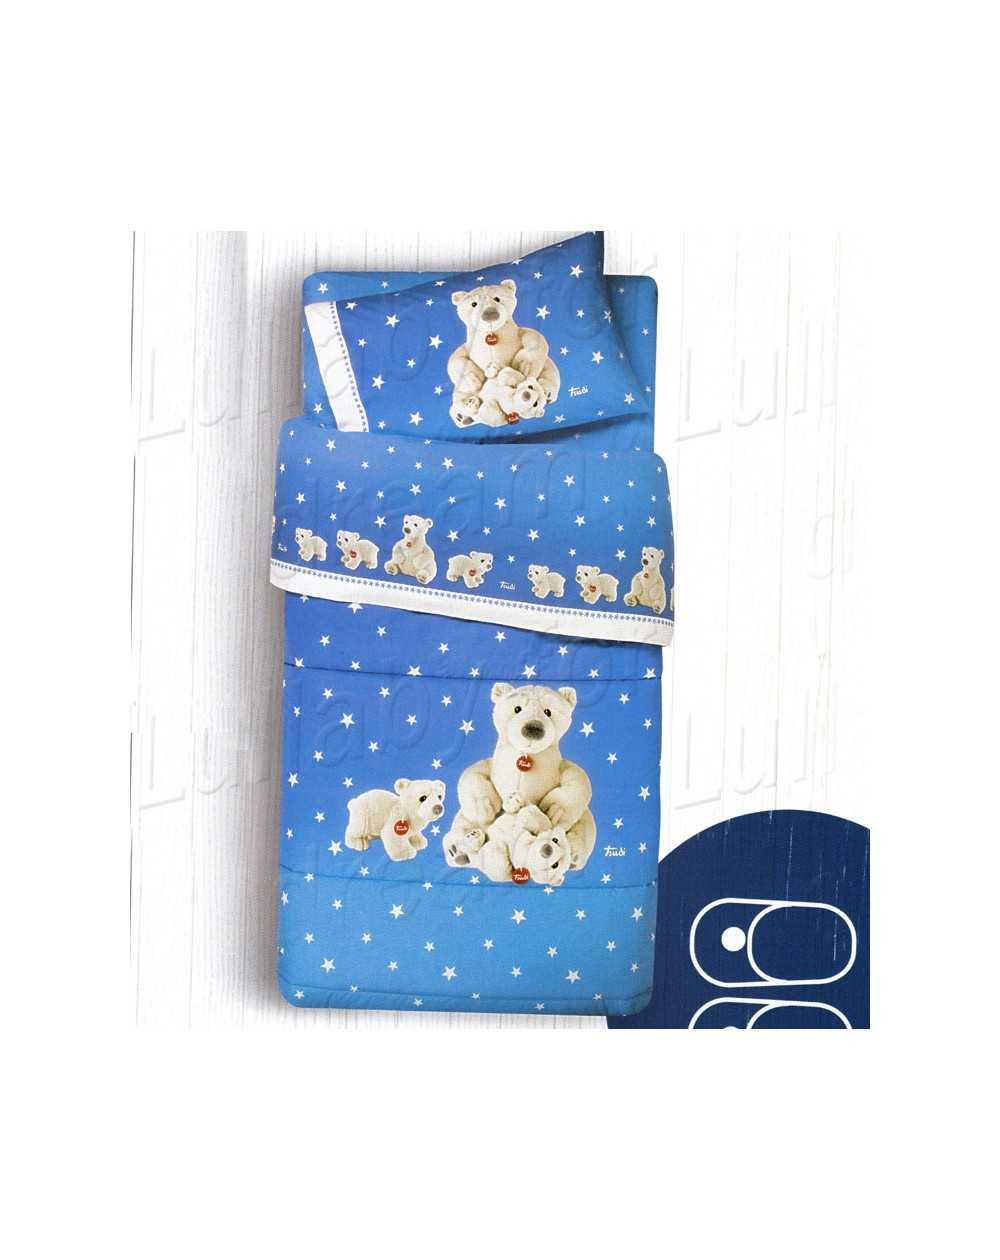 Completo lenzuola letto singolo trudi tolomeo rasoline l f d home - Completo lenzuola letto singolo ...